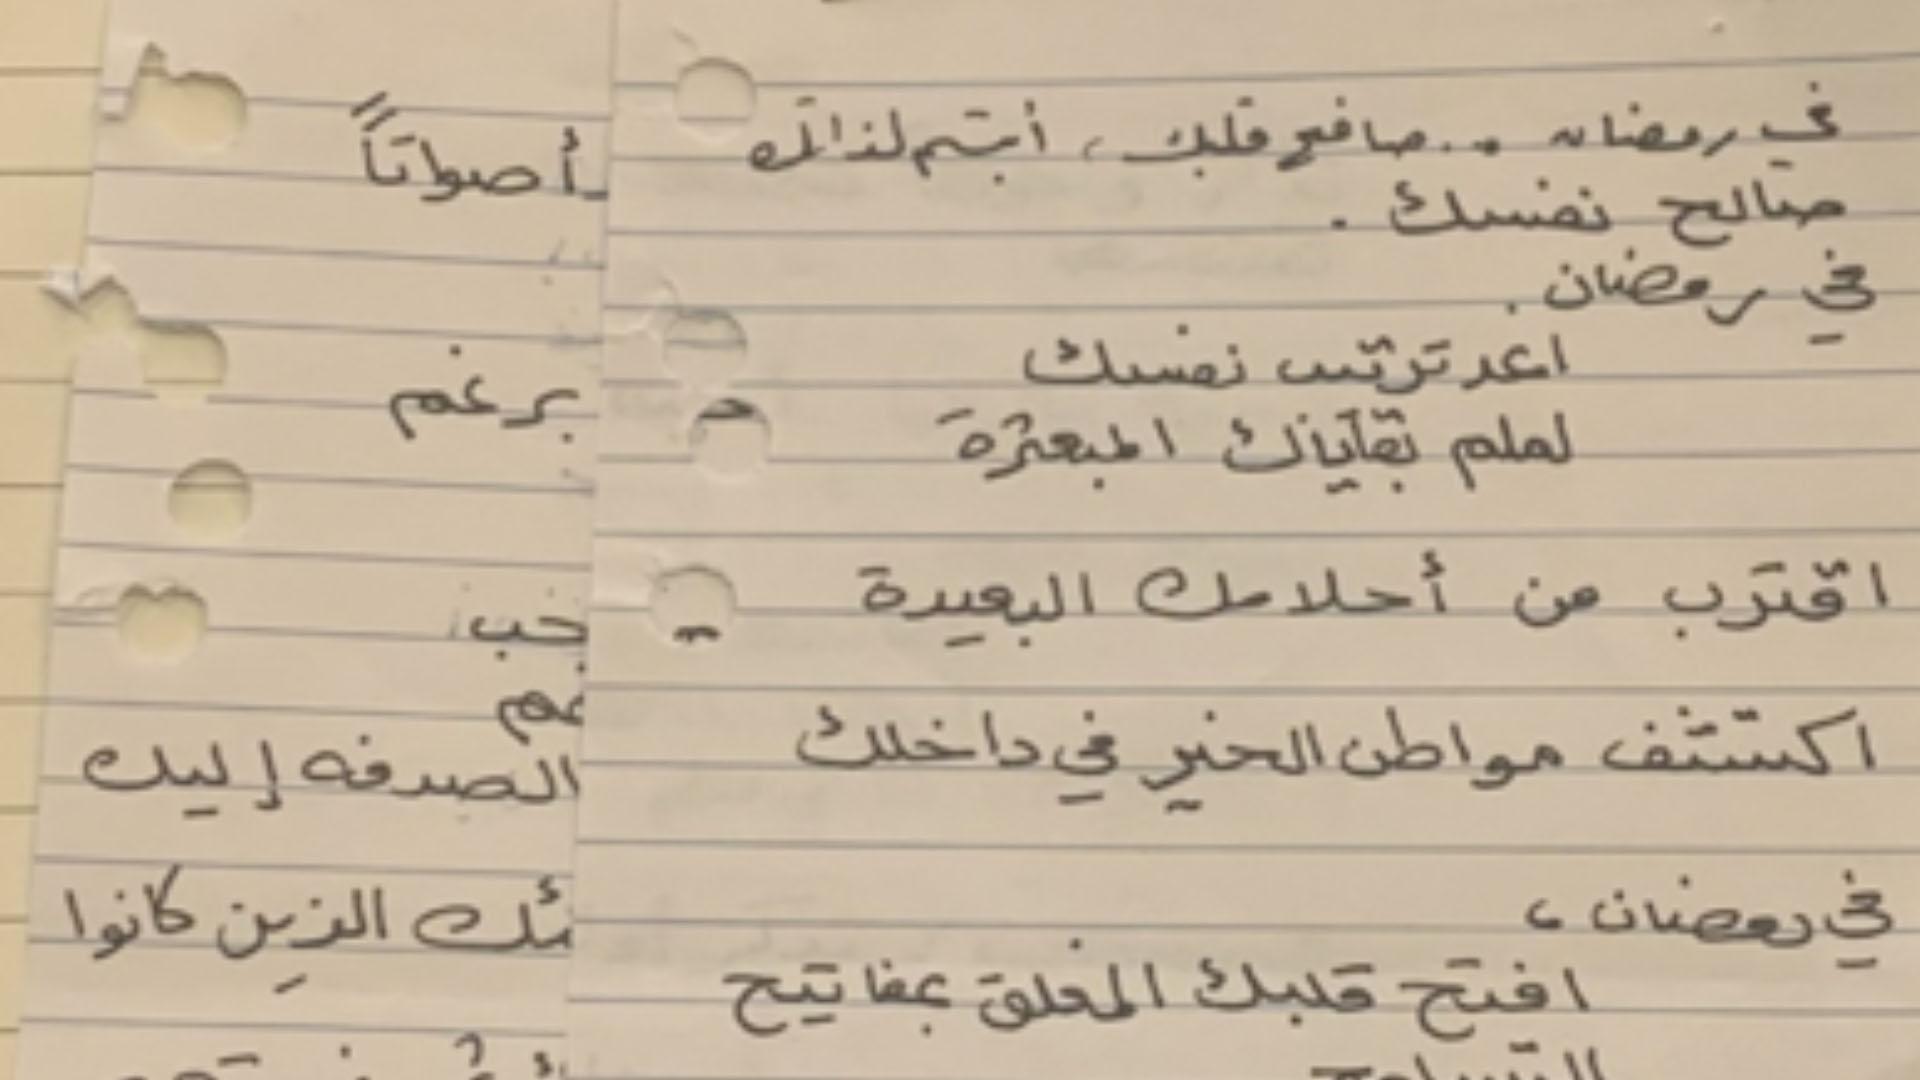 القُصَاصَةُ الثَّامِنَةُ   والعِشْرون: ((رمضانُ حينَ تَعرِفُه))